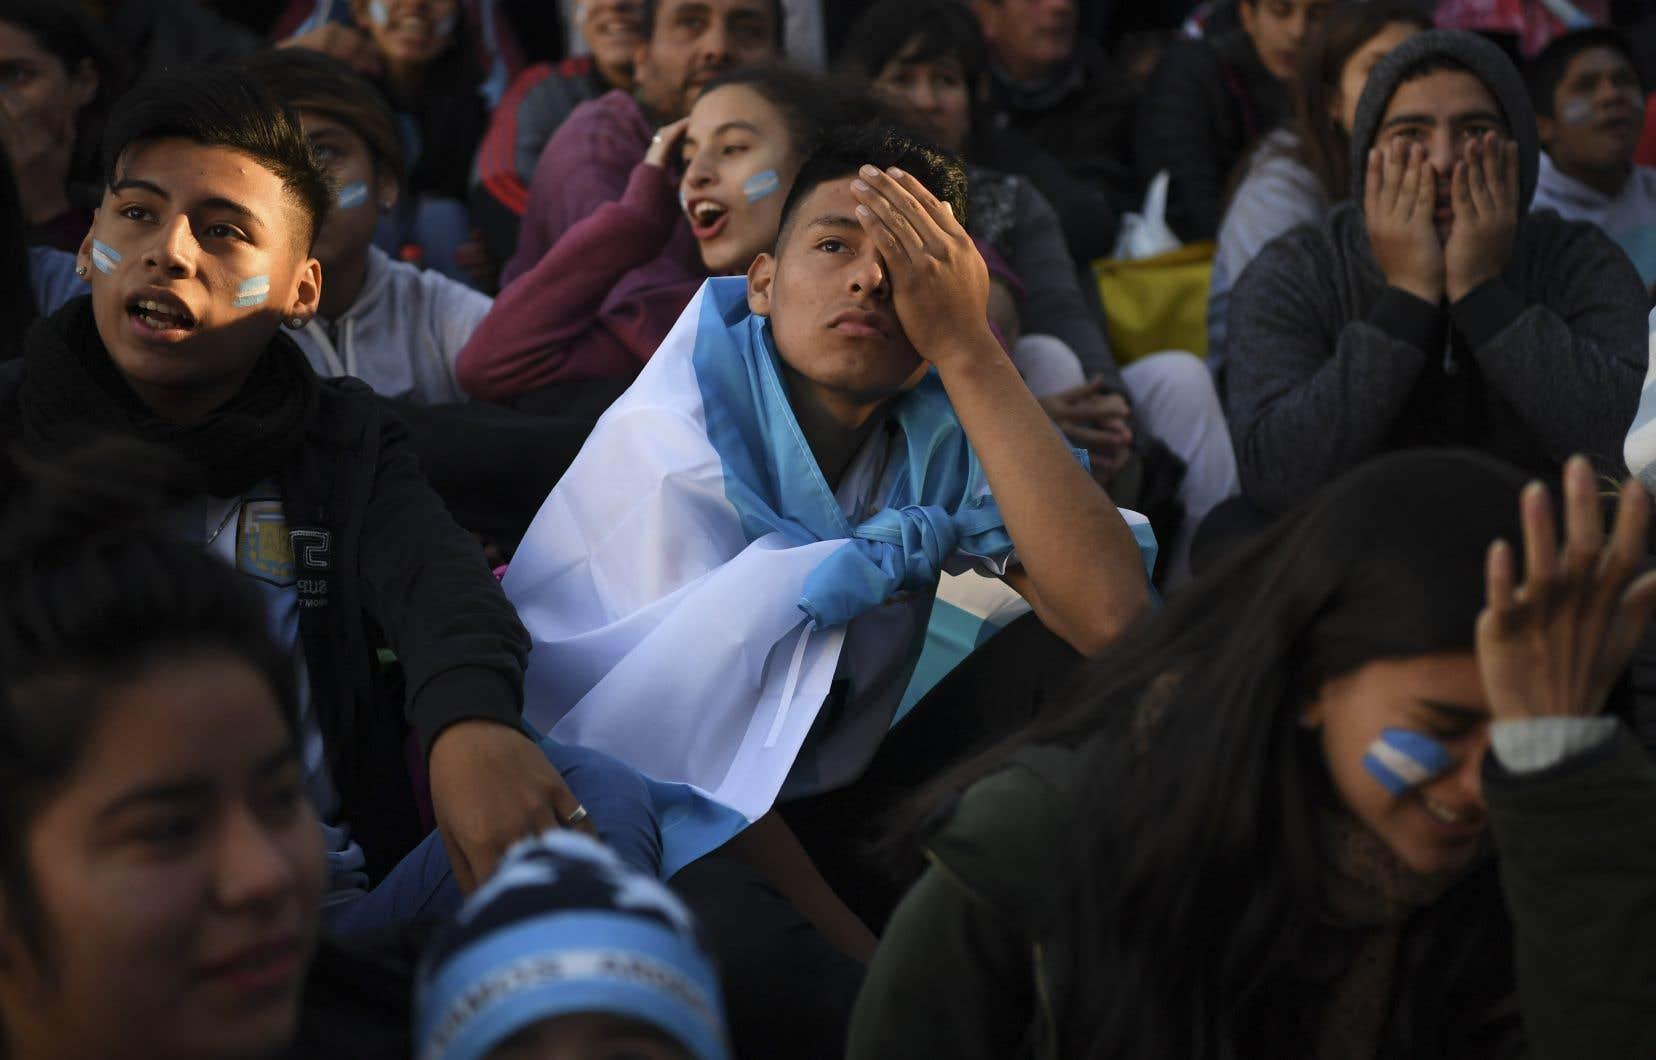 Les partisans de l'équipe d'Argentine pendant le match contre la Croatie